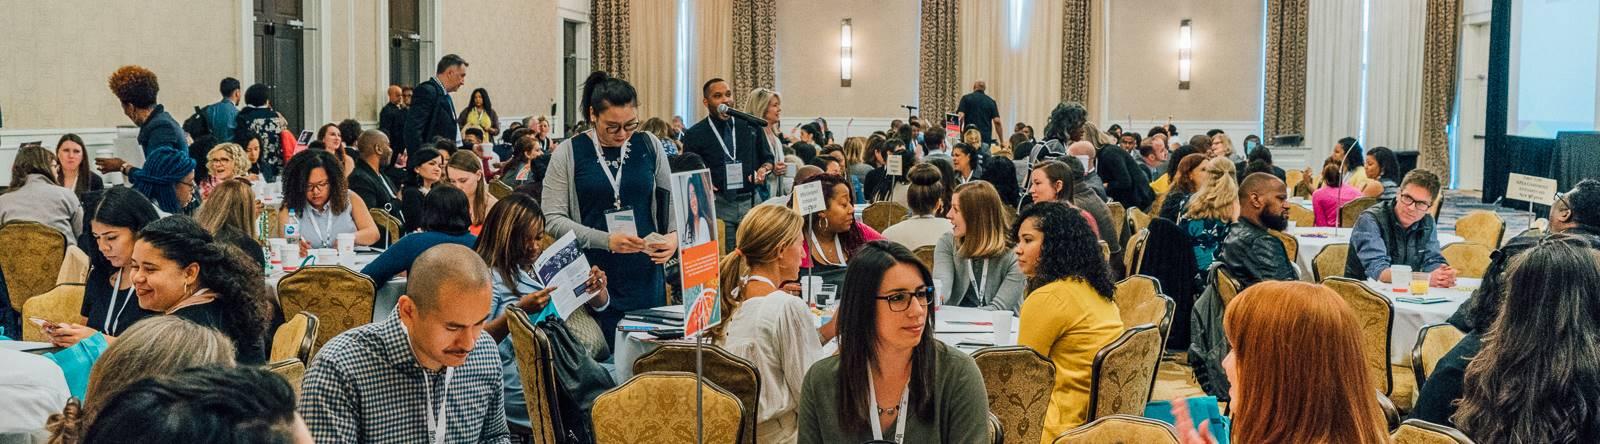 NPEA 12th Annual Conference